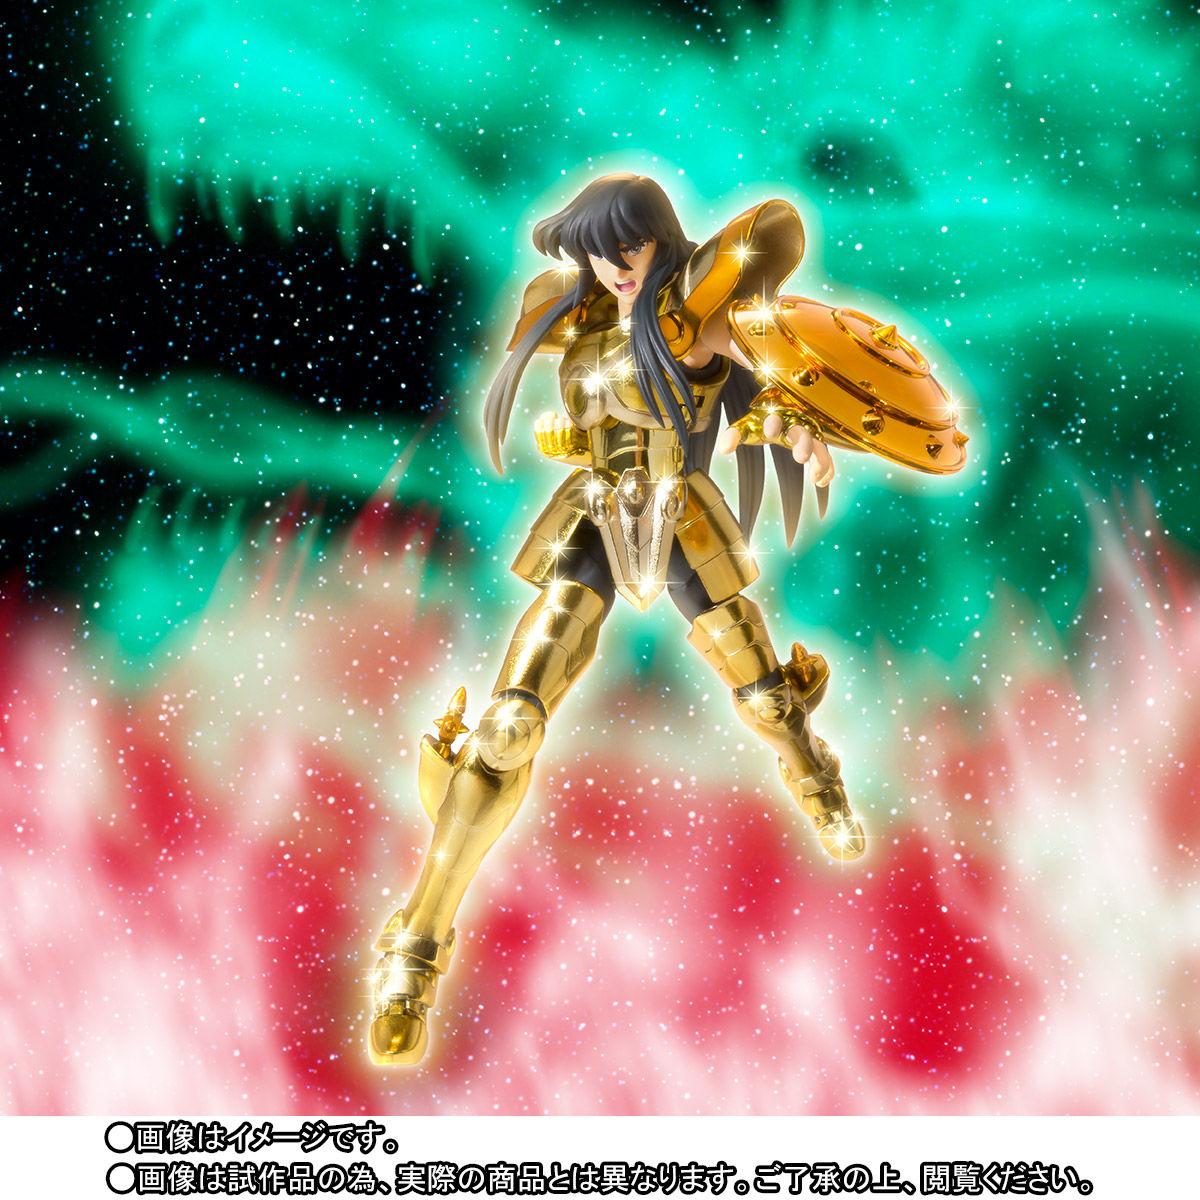 【限定販売】聖闘士聖衣神話EX『ライブラ紫龍』可動フィギュア-010